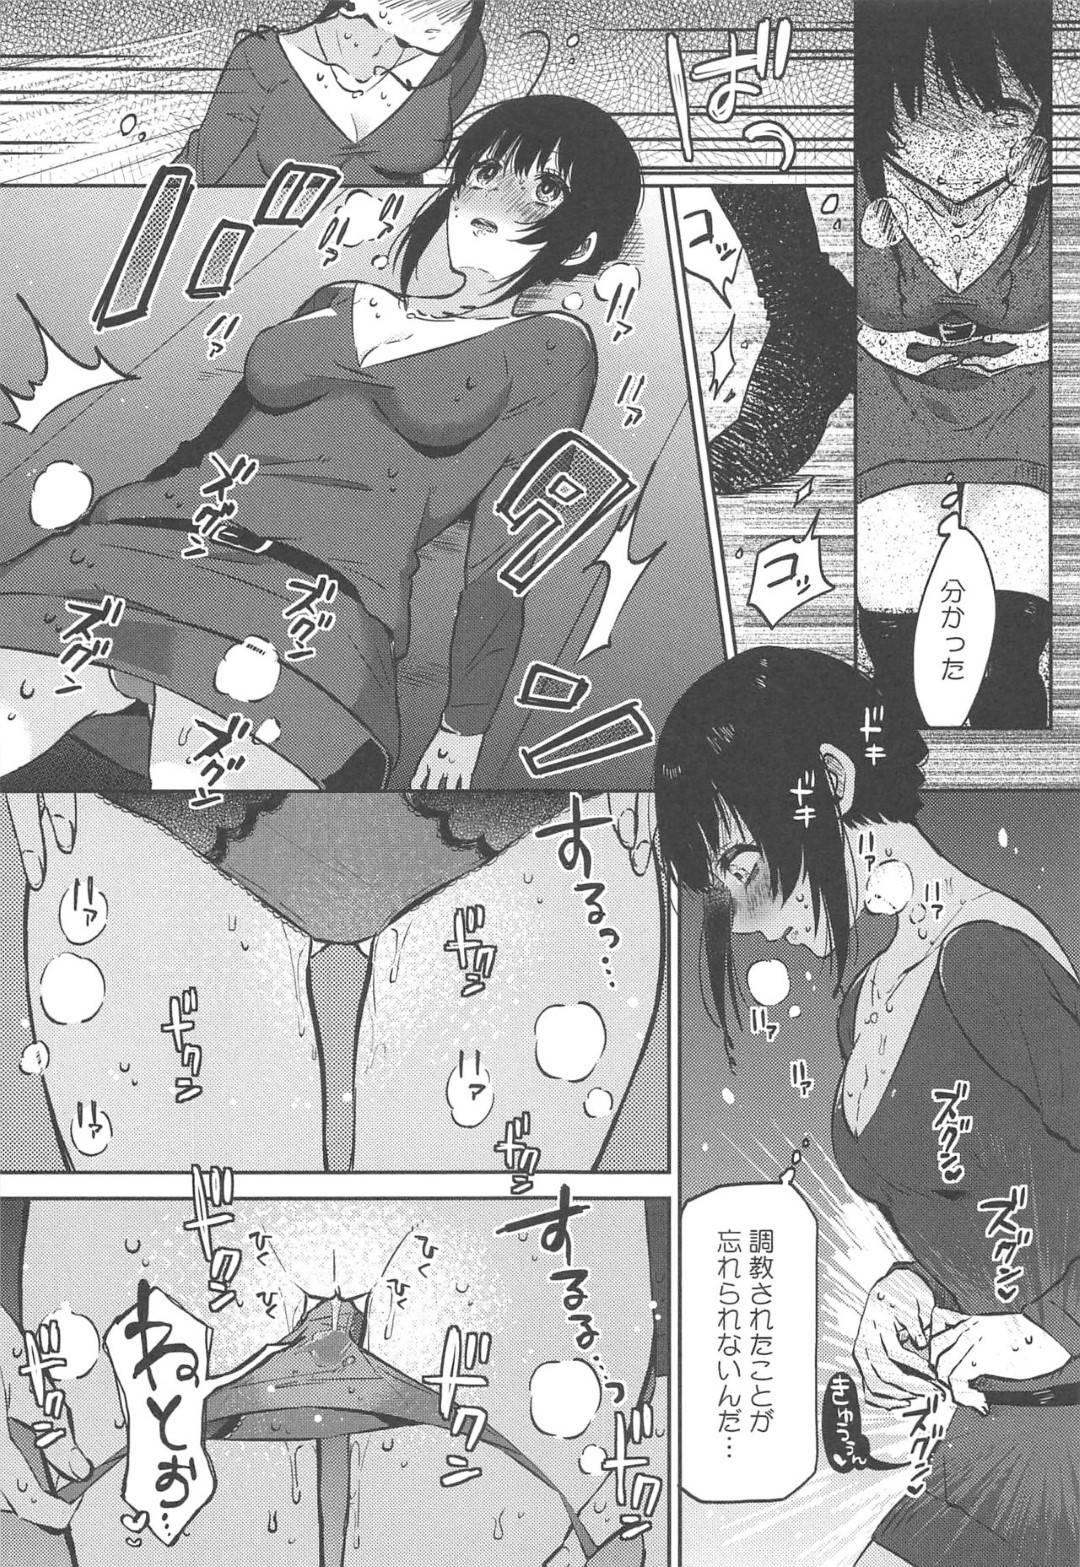 【エロ漫画】過去に自分を犯した男子を水族館デートに誘うJD…調教された過去を思い出して発情しショーの最中に自ら手マンさせてイッてしまう【めぬ。:調教彼女 第6話】